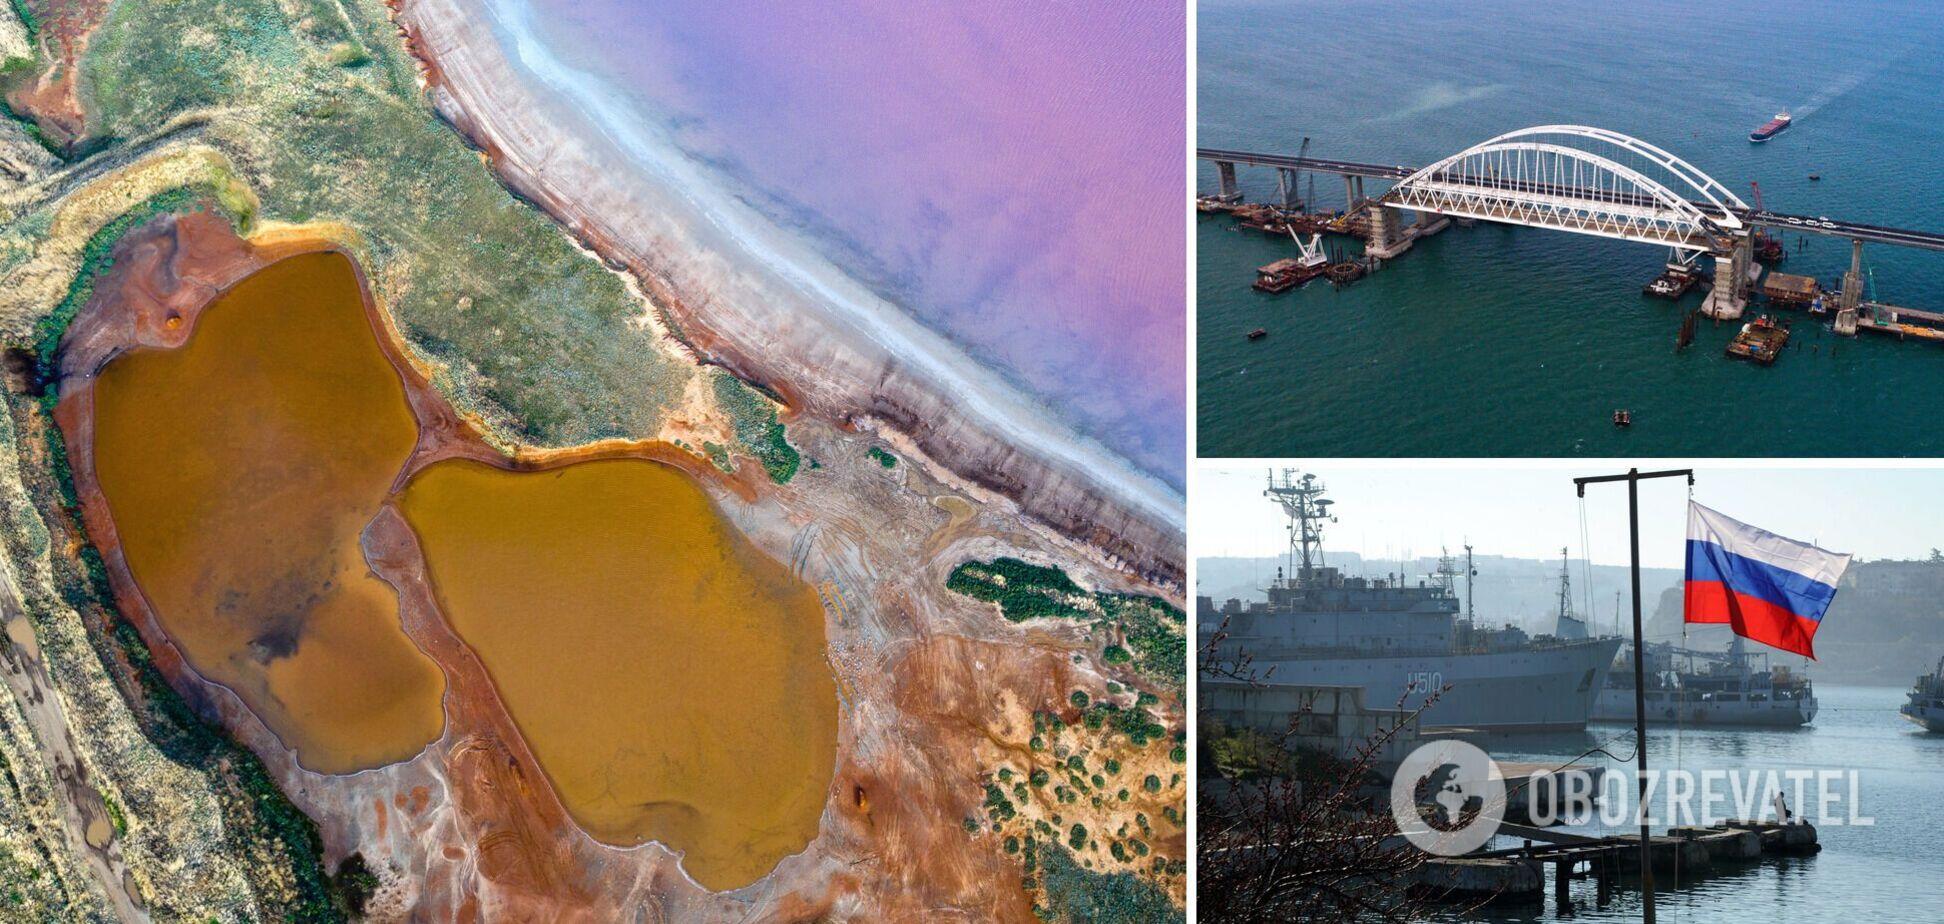 Сенченко: проблему с водой в Крыму решить невозможно, россияне выедут за две недели